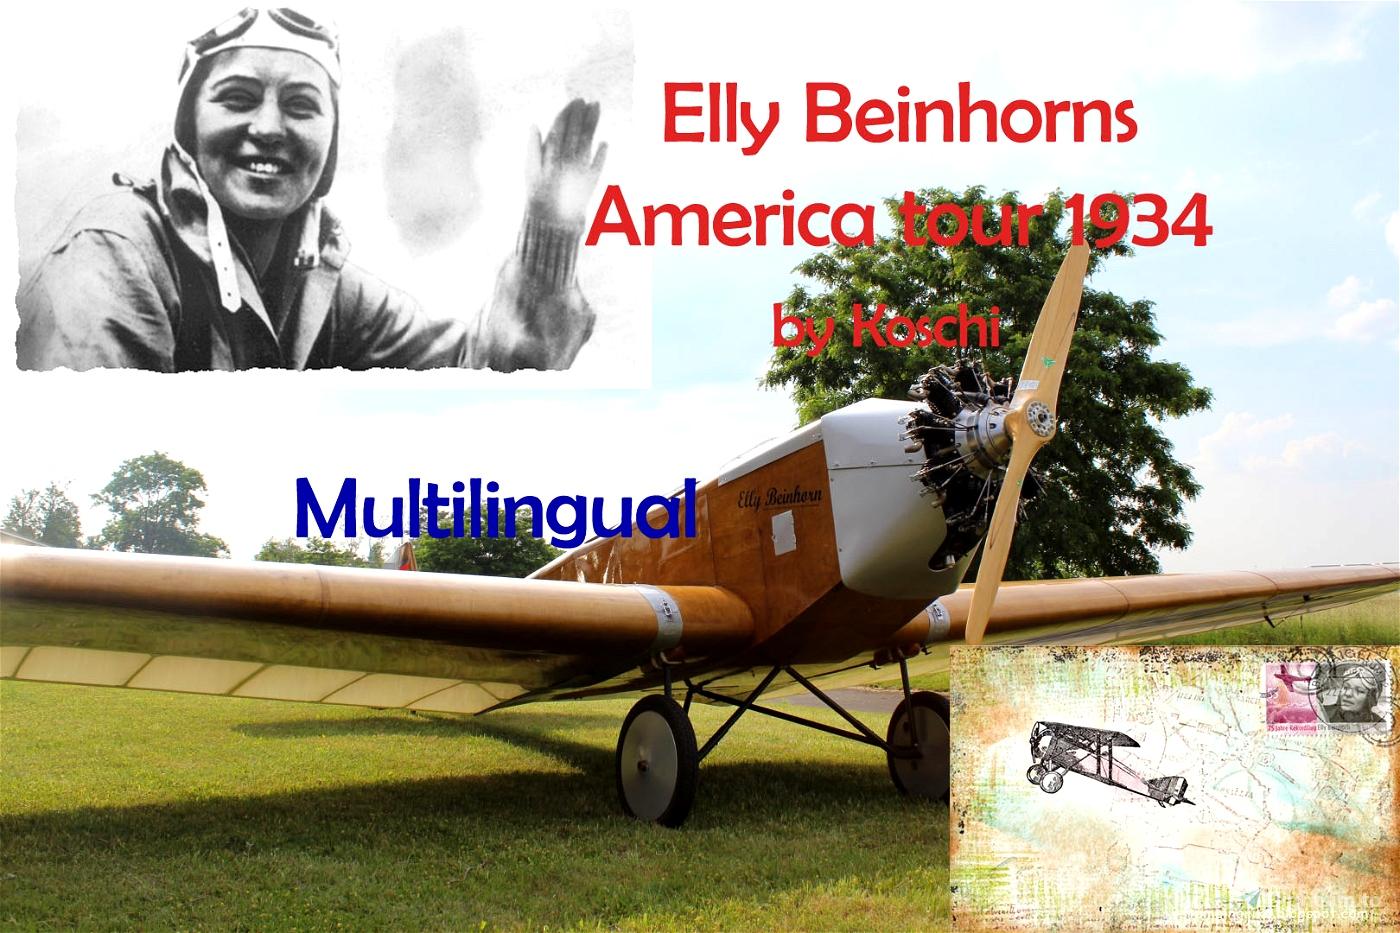 Elly Beinhorn's American flight in 1934 Flight Simulator 2020